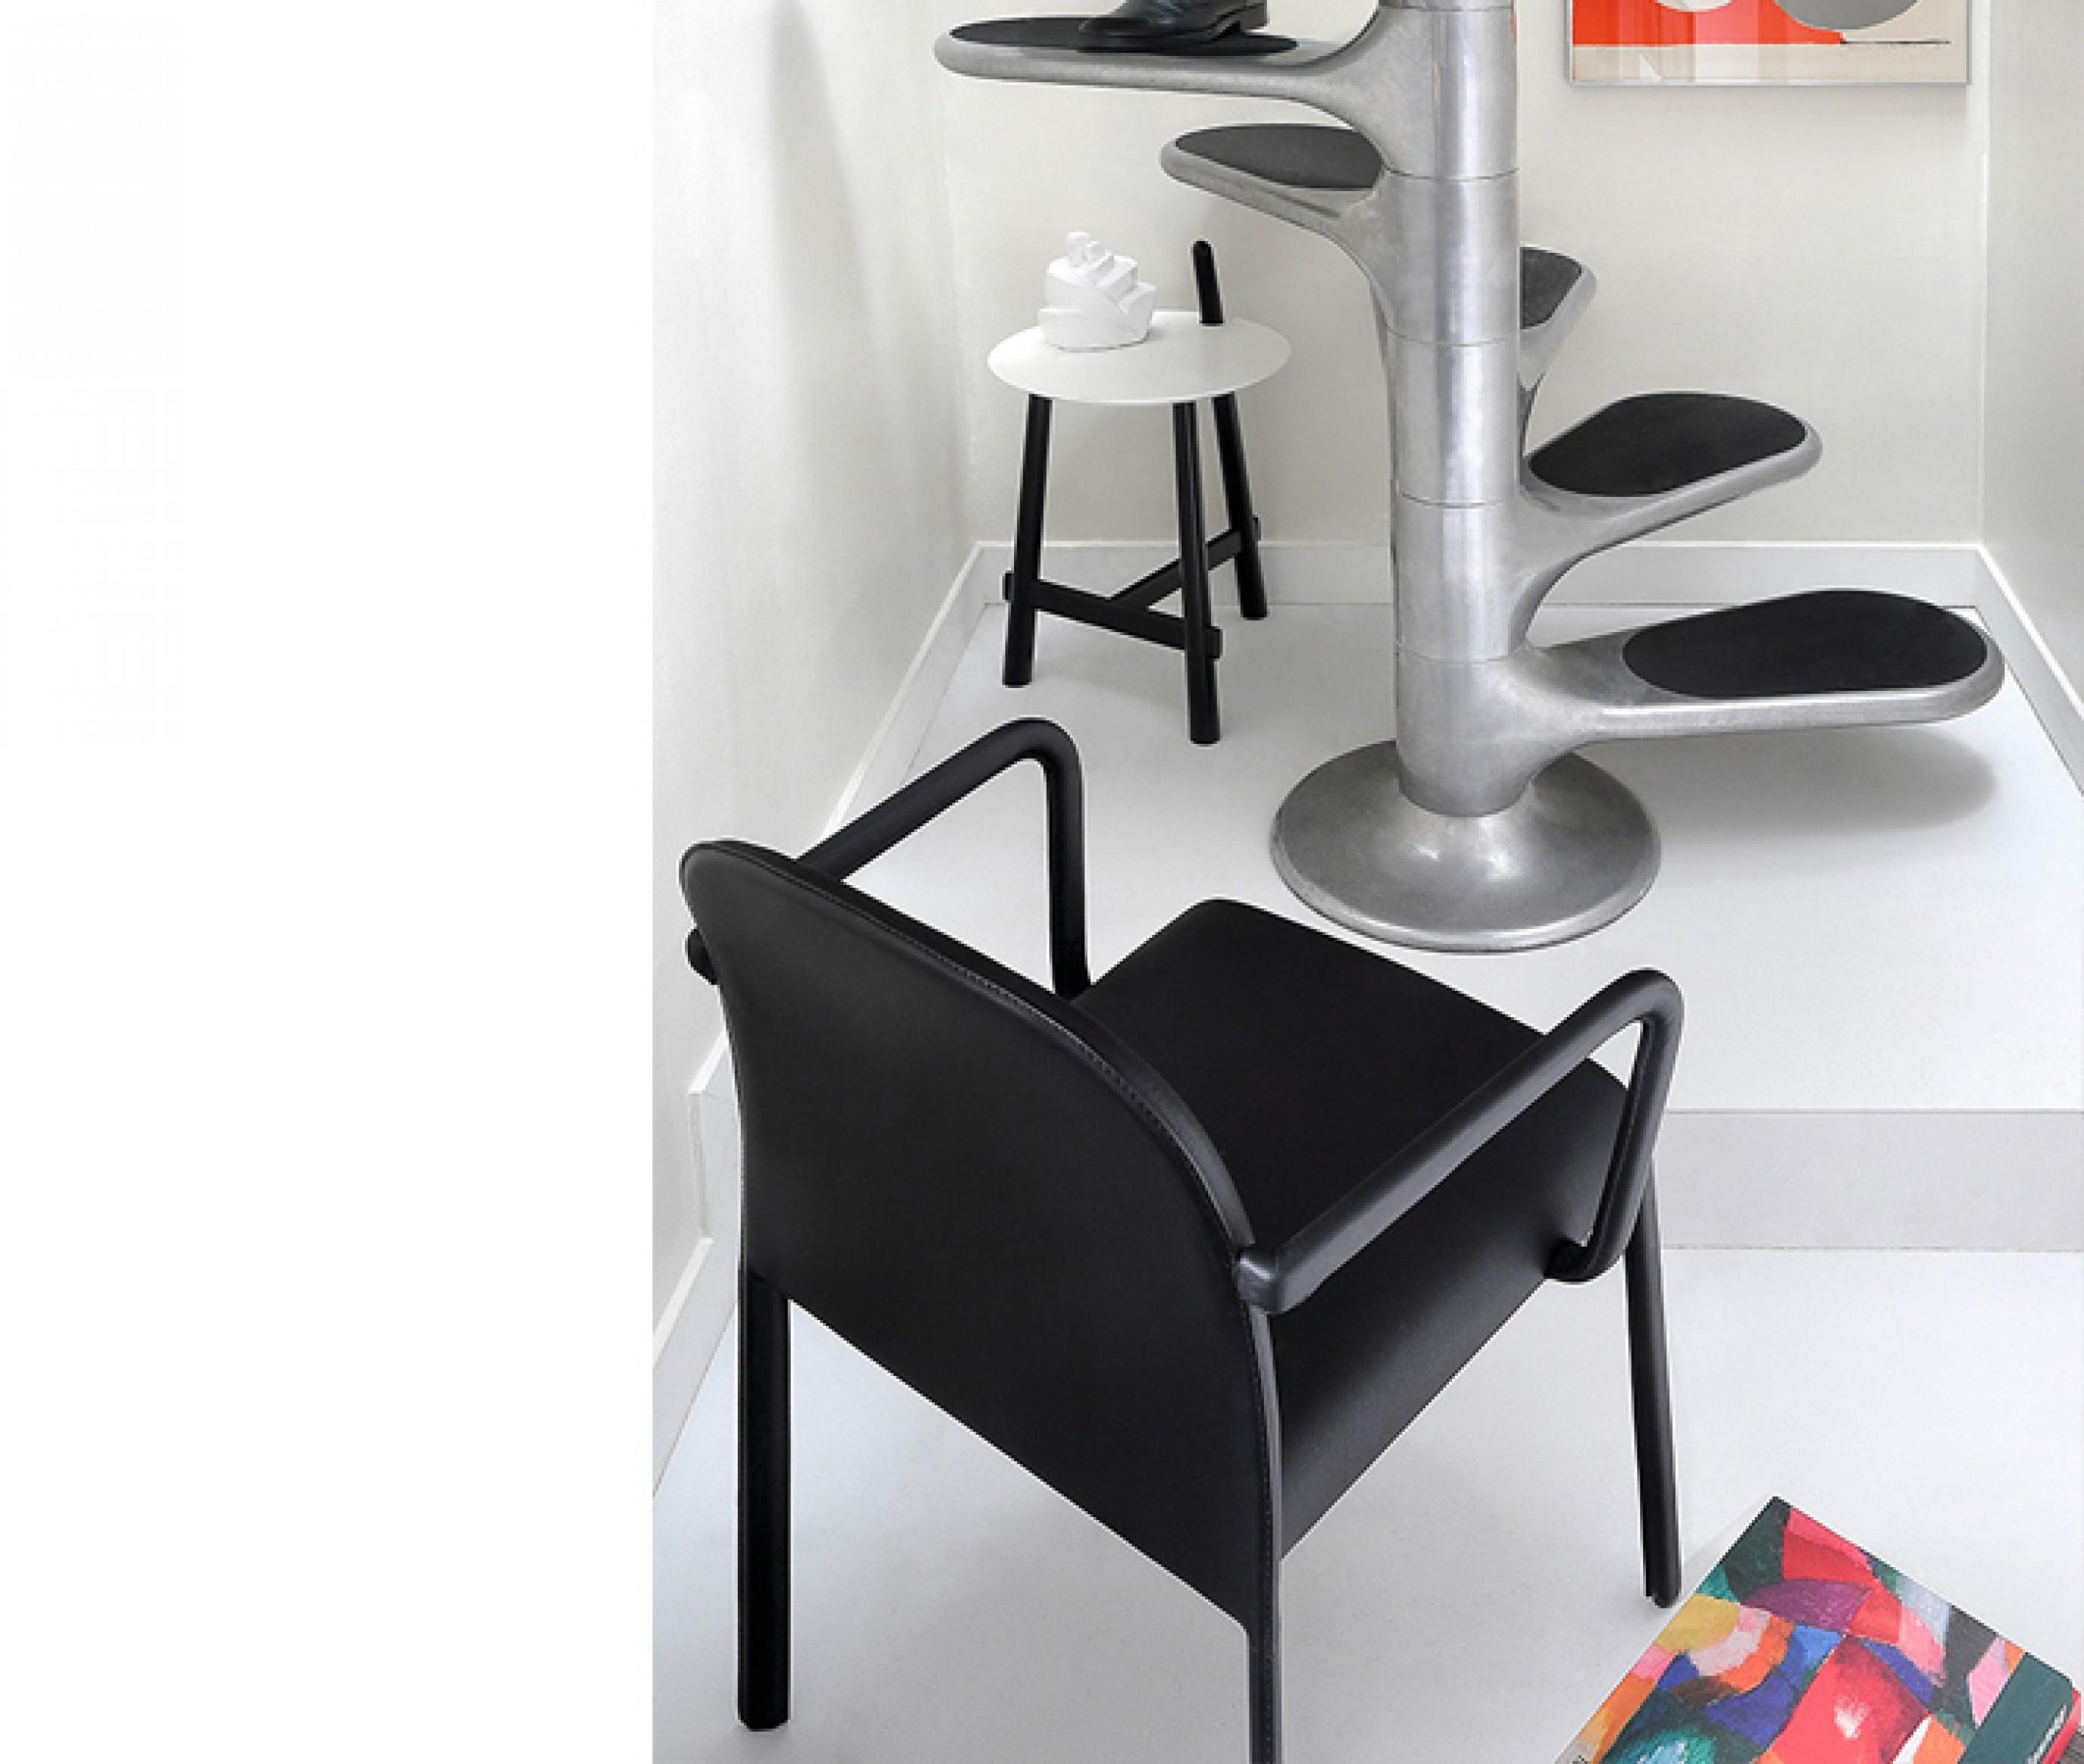 Scala chair met armleuningen: een alternatief voor de CAP chair van Cassina...  Victors Design Agency